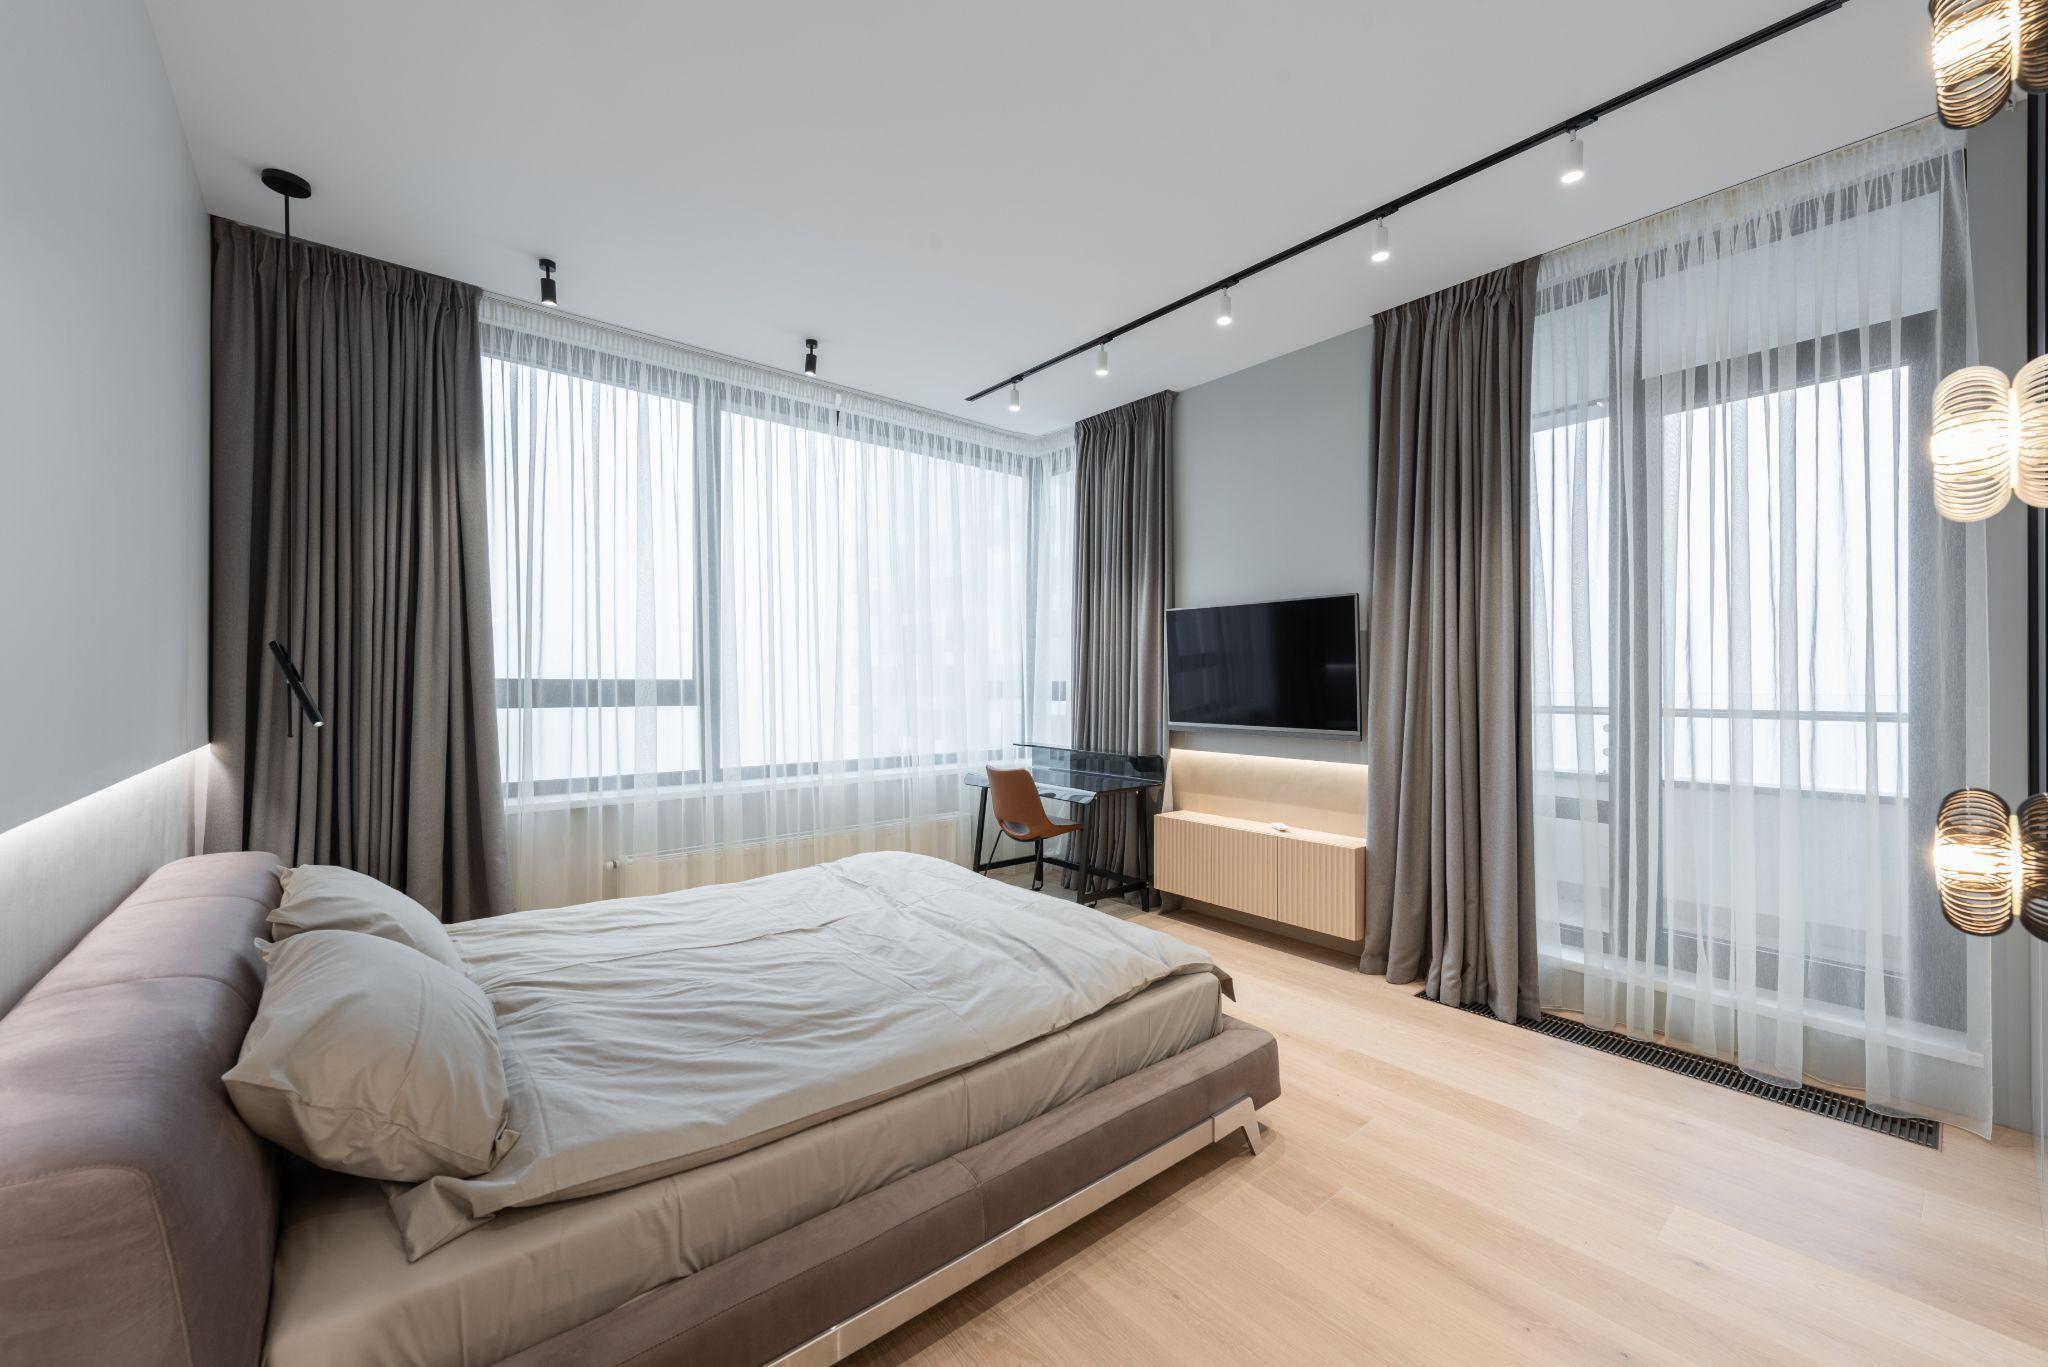 Сірі тони спальні в стилі мінімалізм